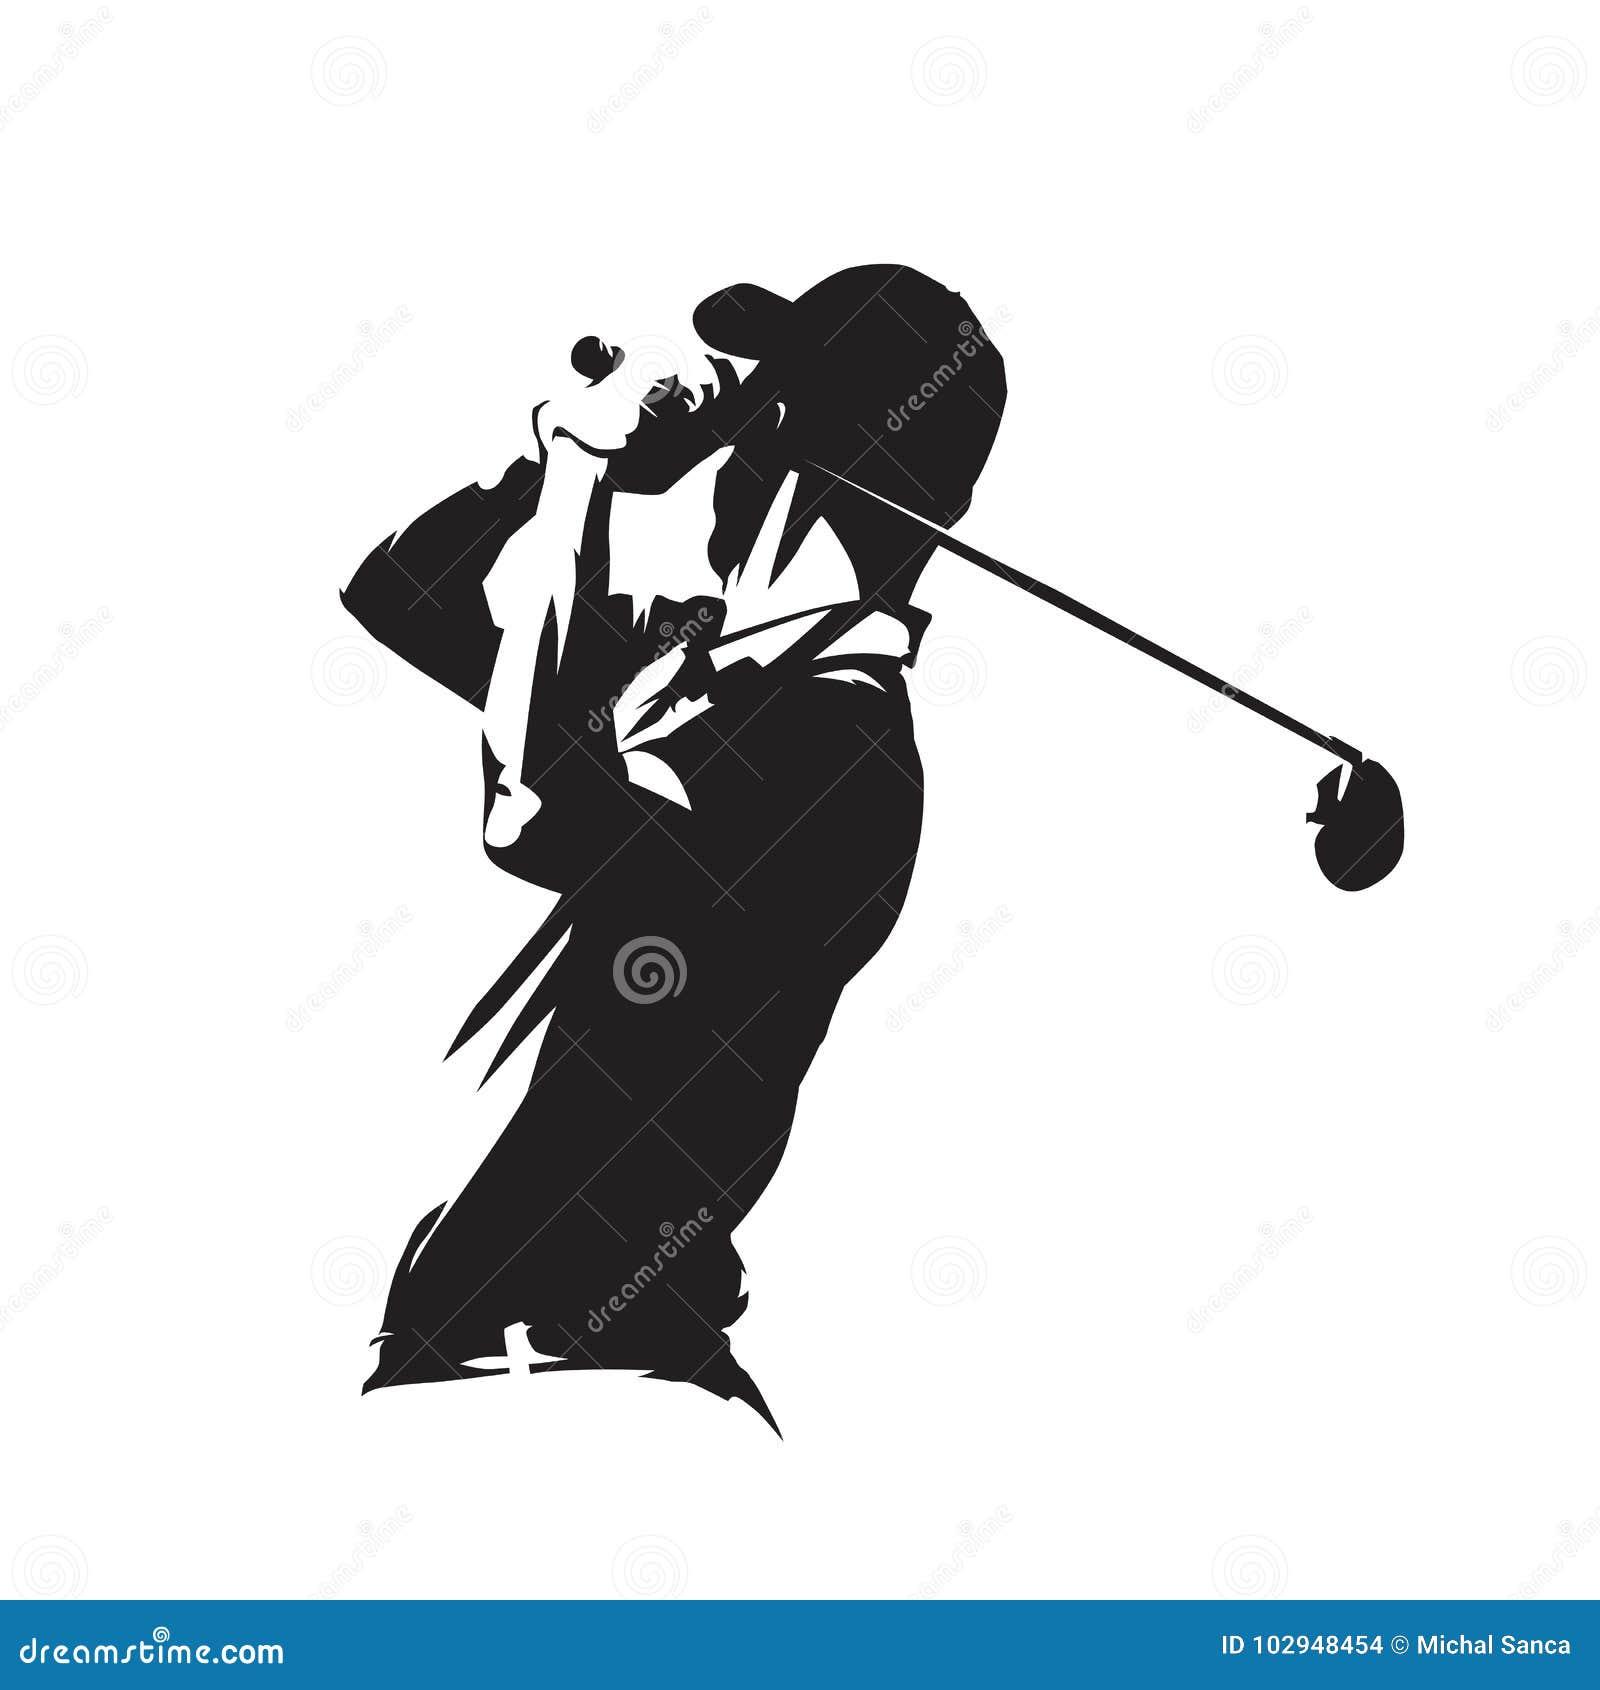 Εικονίδιο φορέων γκολφ, διανυσματική σκιαγραφία παικτών γκολφ